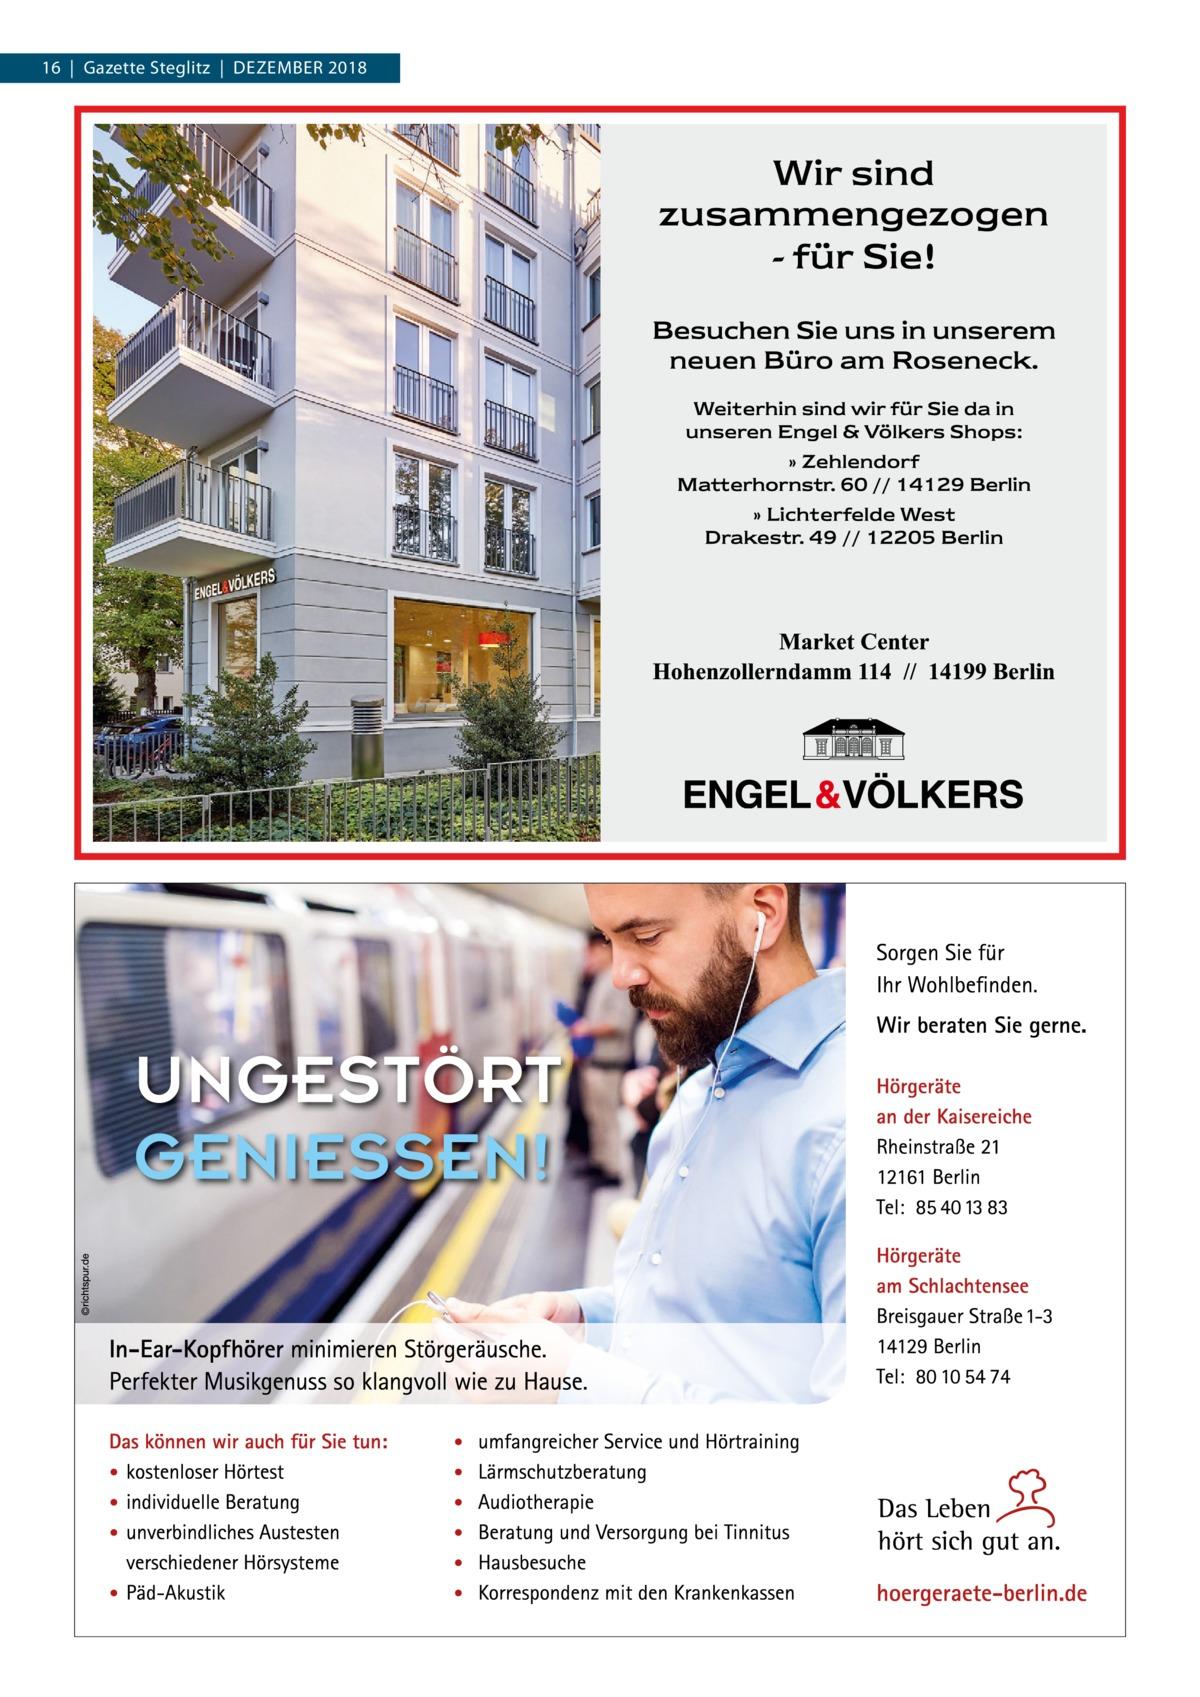 16 Gazette Steglitz Dezember 2018